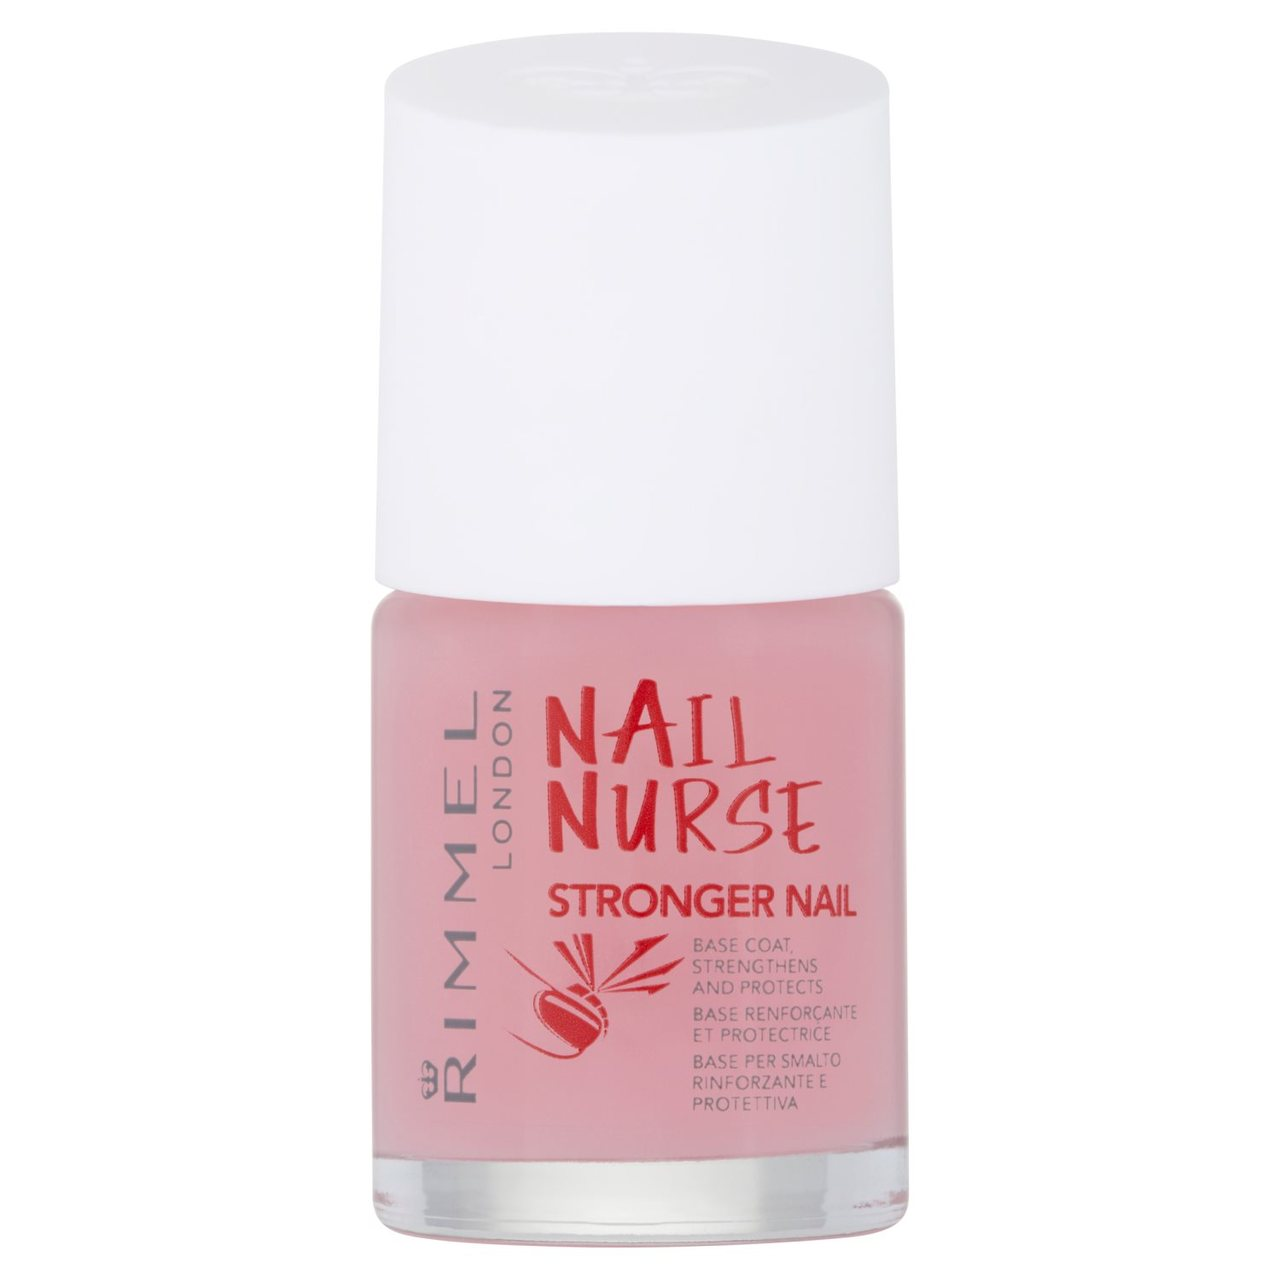 An image of Rimmel Nail Nurse Stronger Nail